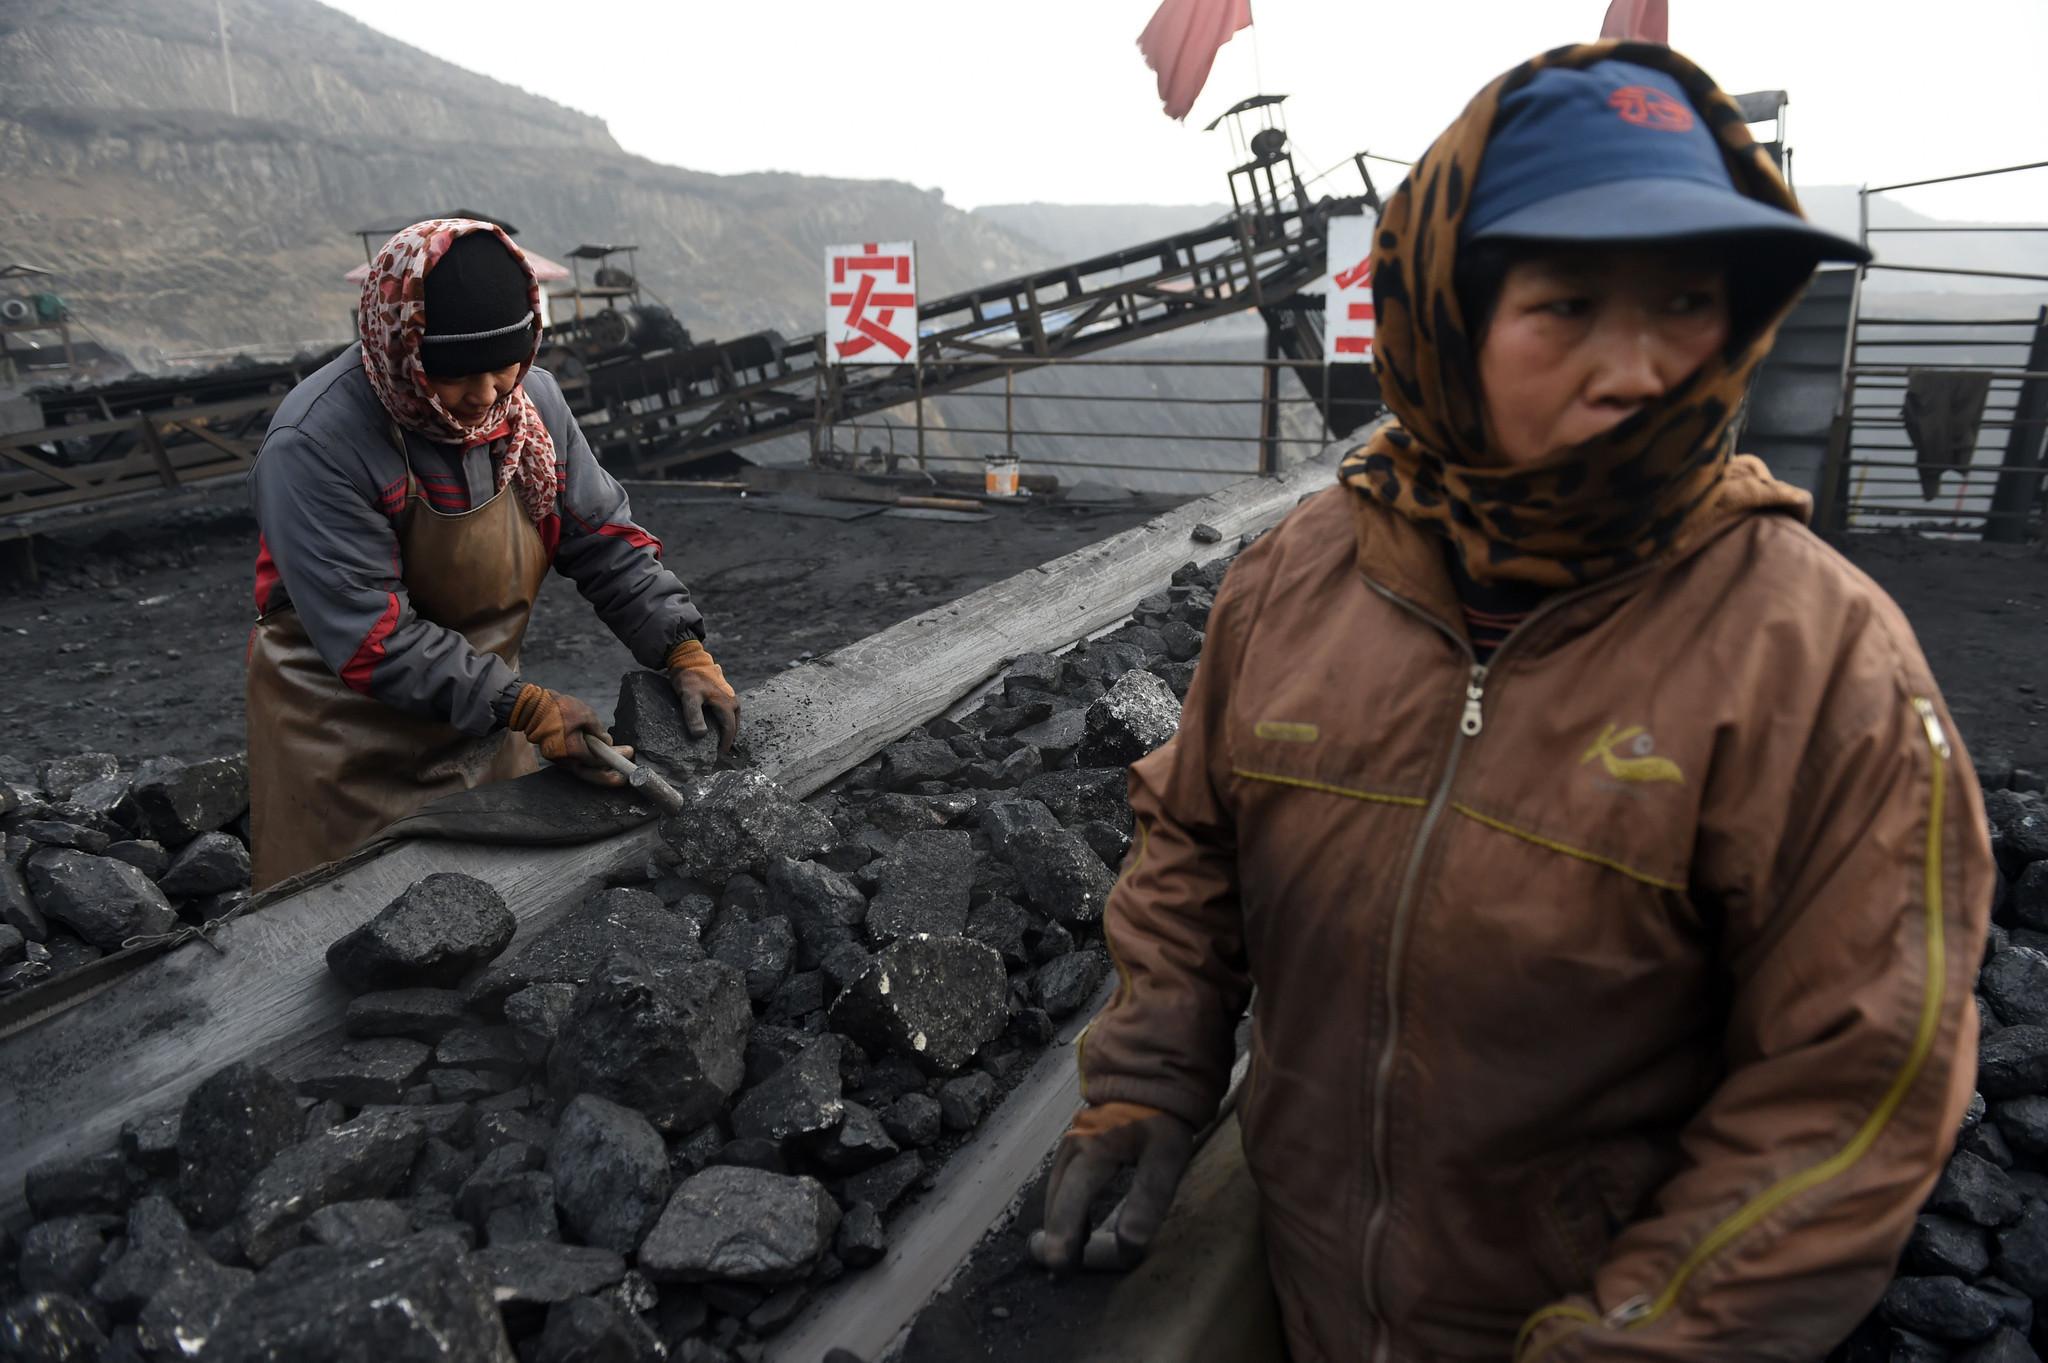 Los hechos ocurrieron en al norte de China y de acuerdo con investigaciones la detonación fue a causa de explotaciones ilegales